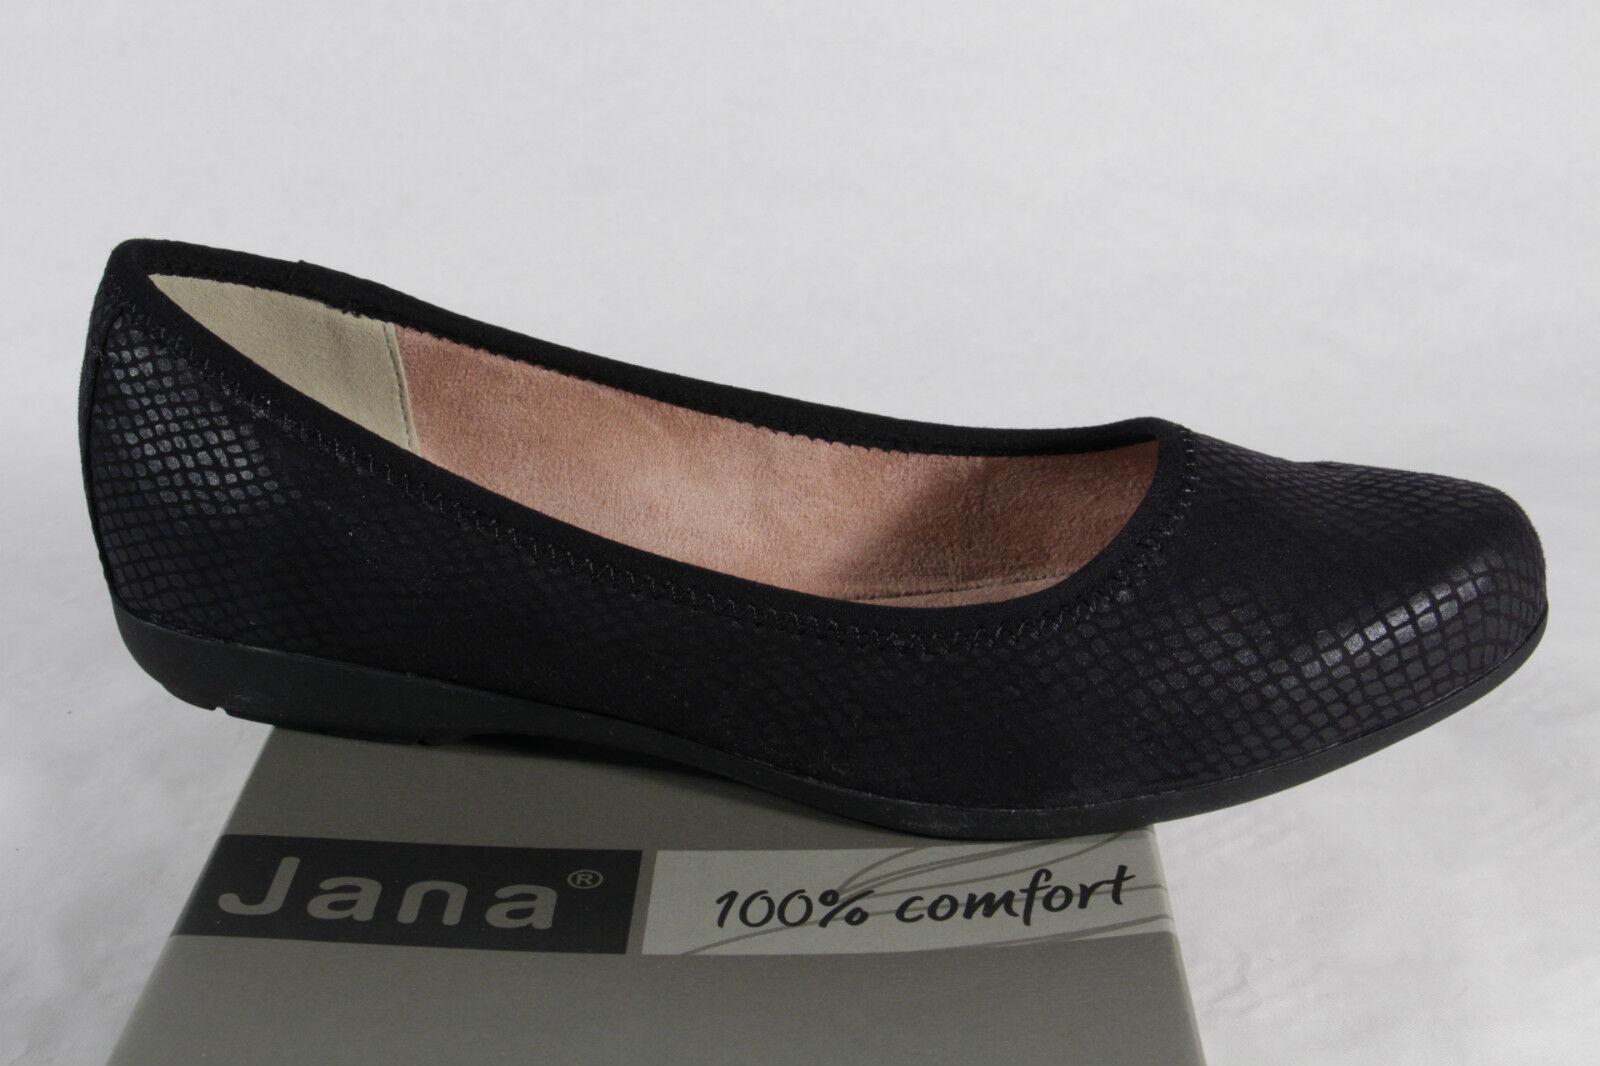 Descuento de la marca Descuento por tiempo limitado JANA Zapatillas Mujer Bailarinas negras NUEVA